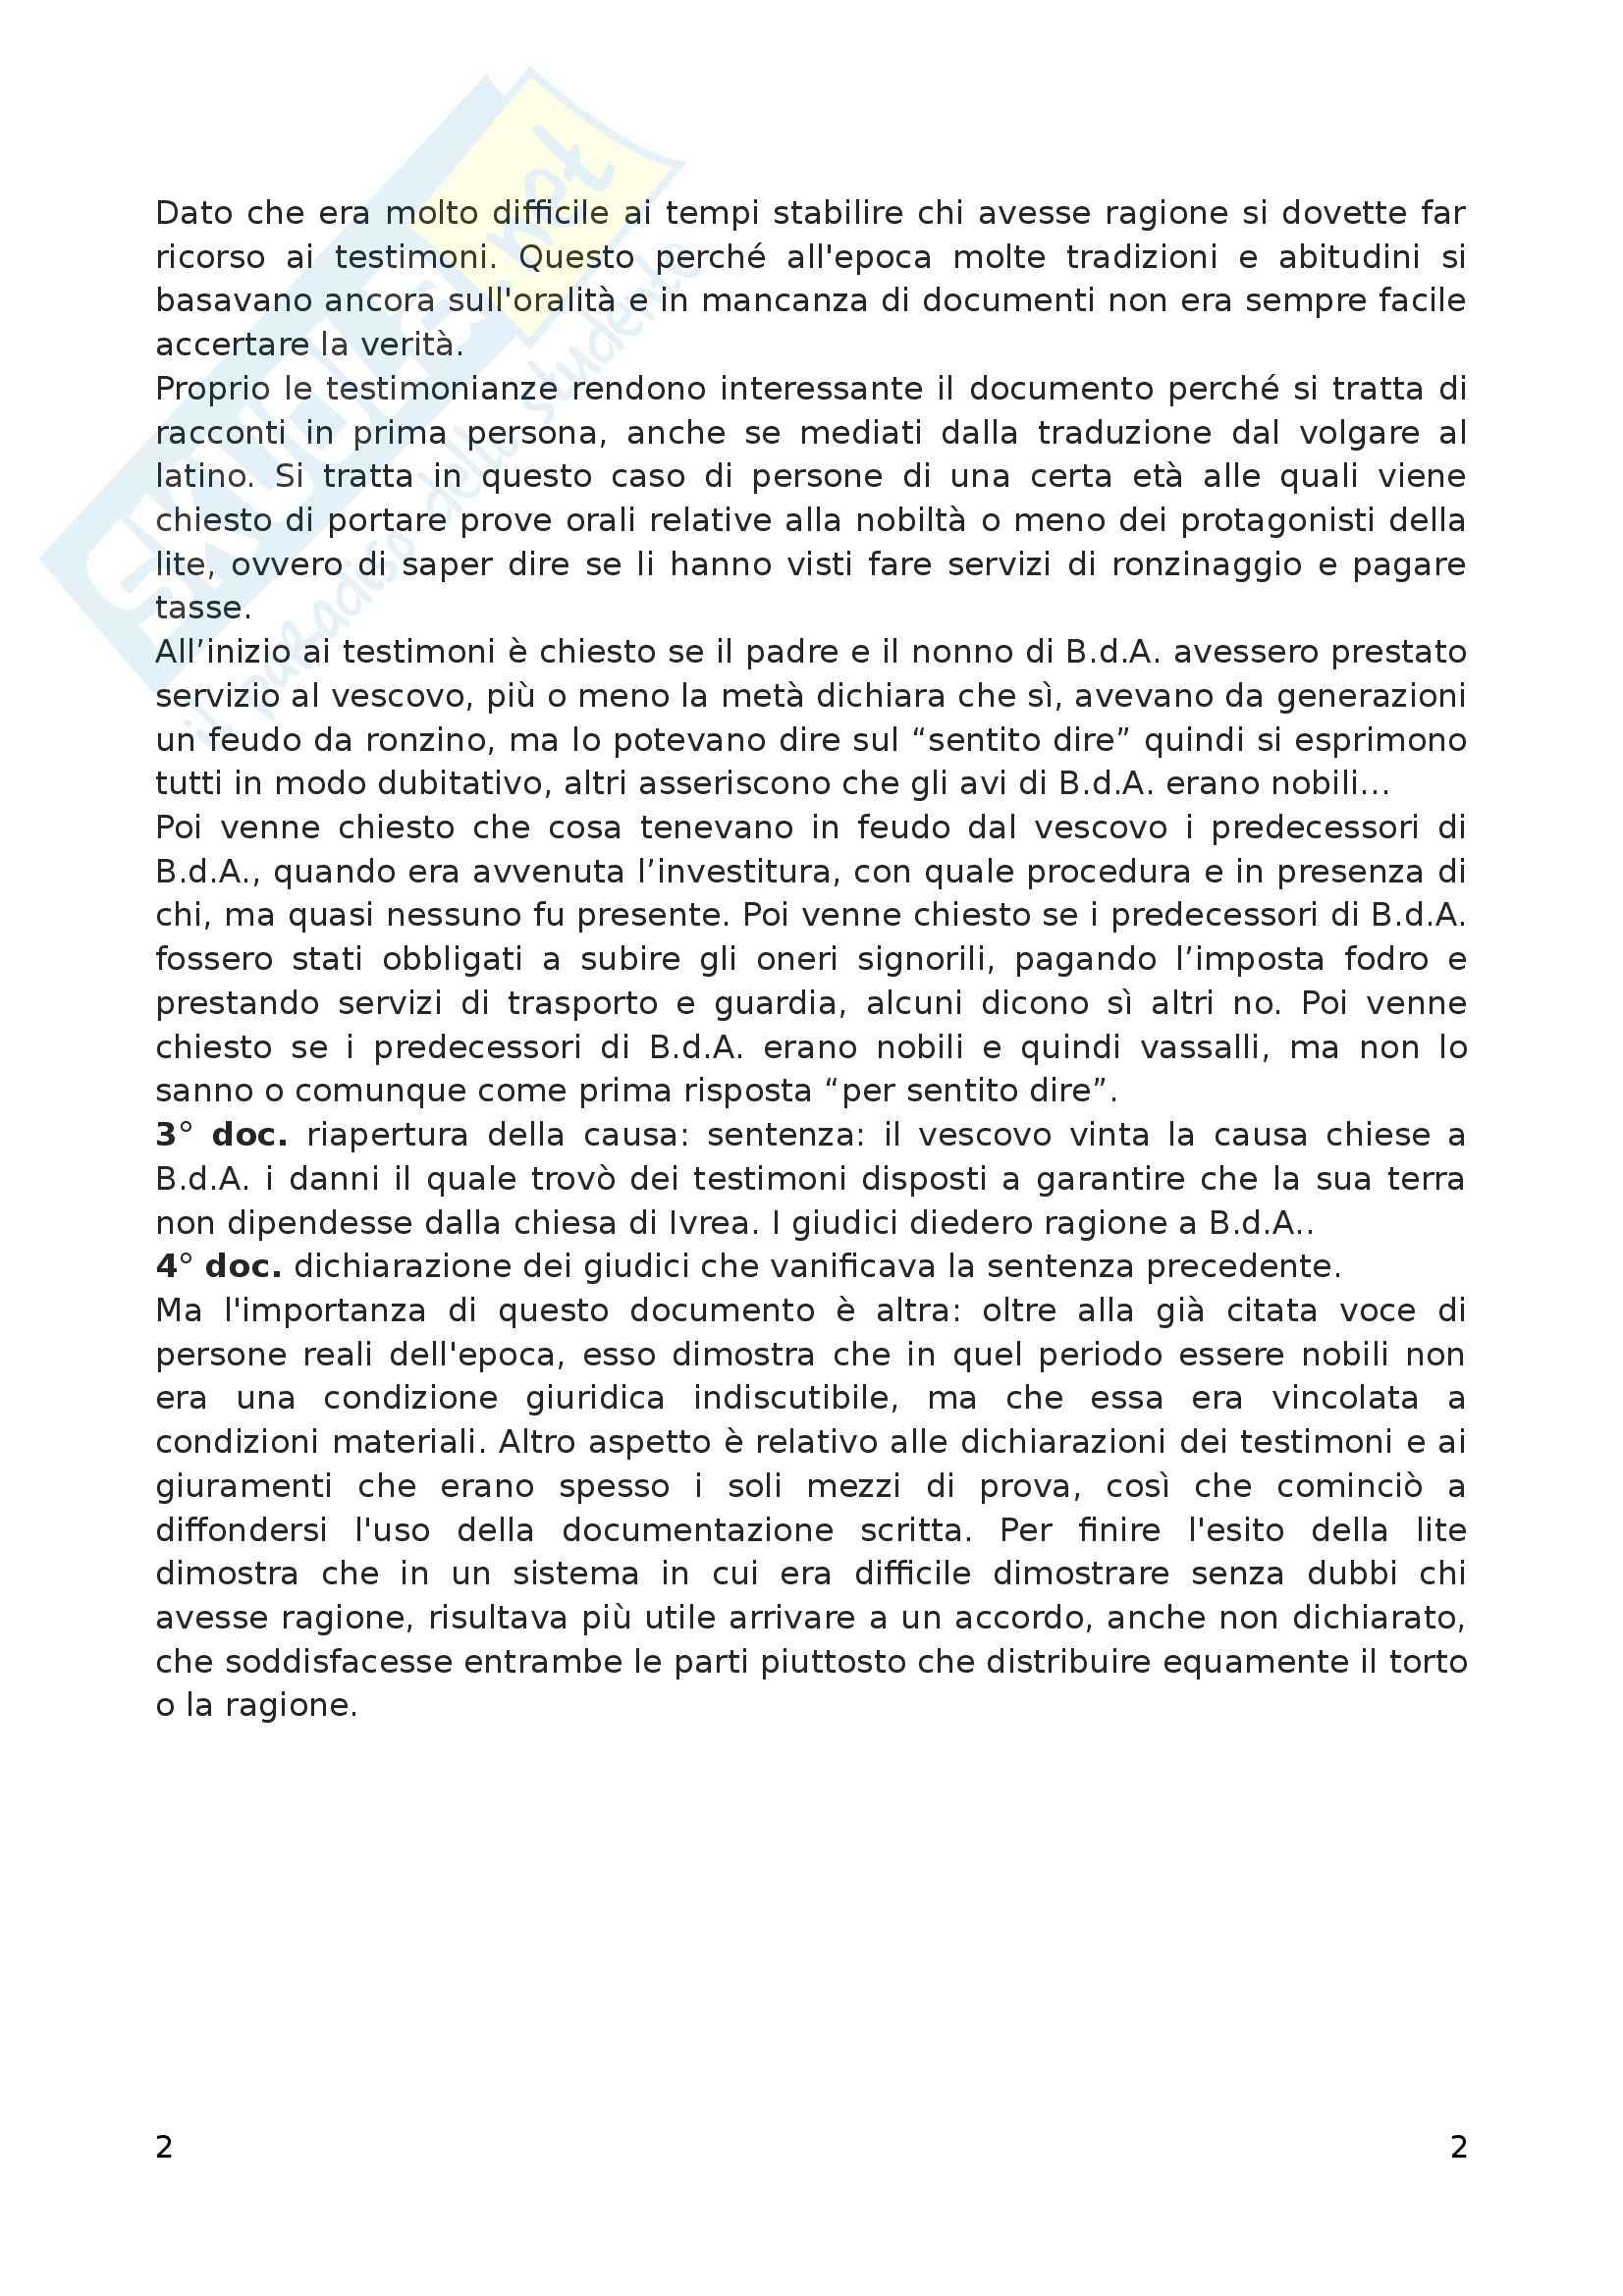 Riassunto esame Storia moderna, prof. Arcangeli, libro consigliato Prima lezione di metodo storico, Luzzatto Pag. 2